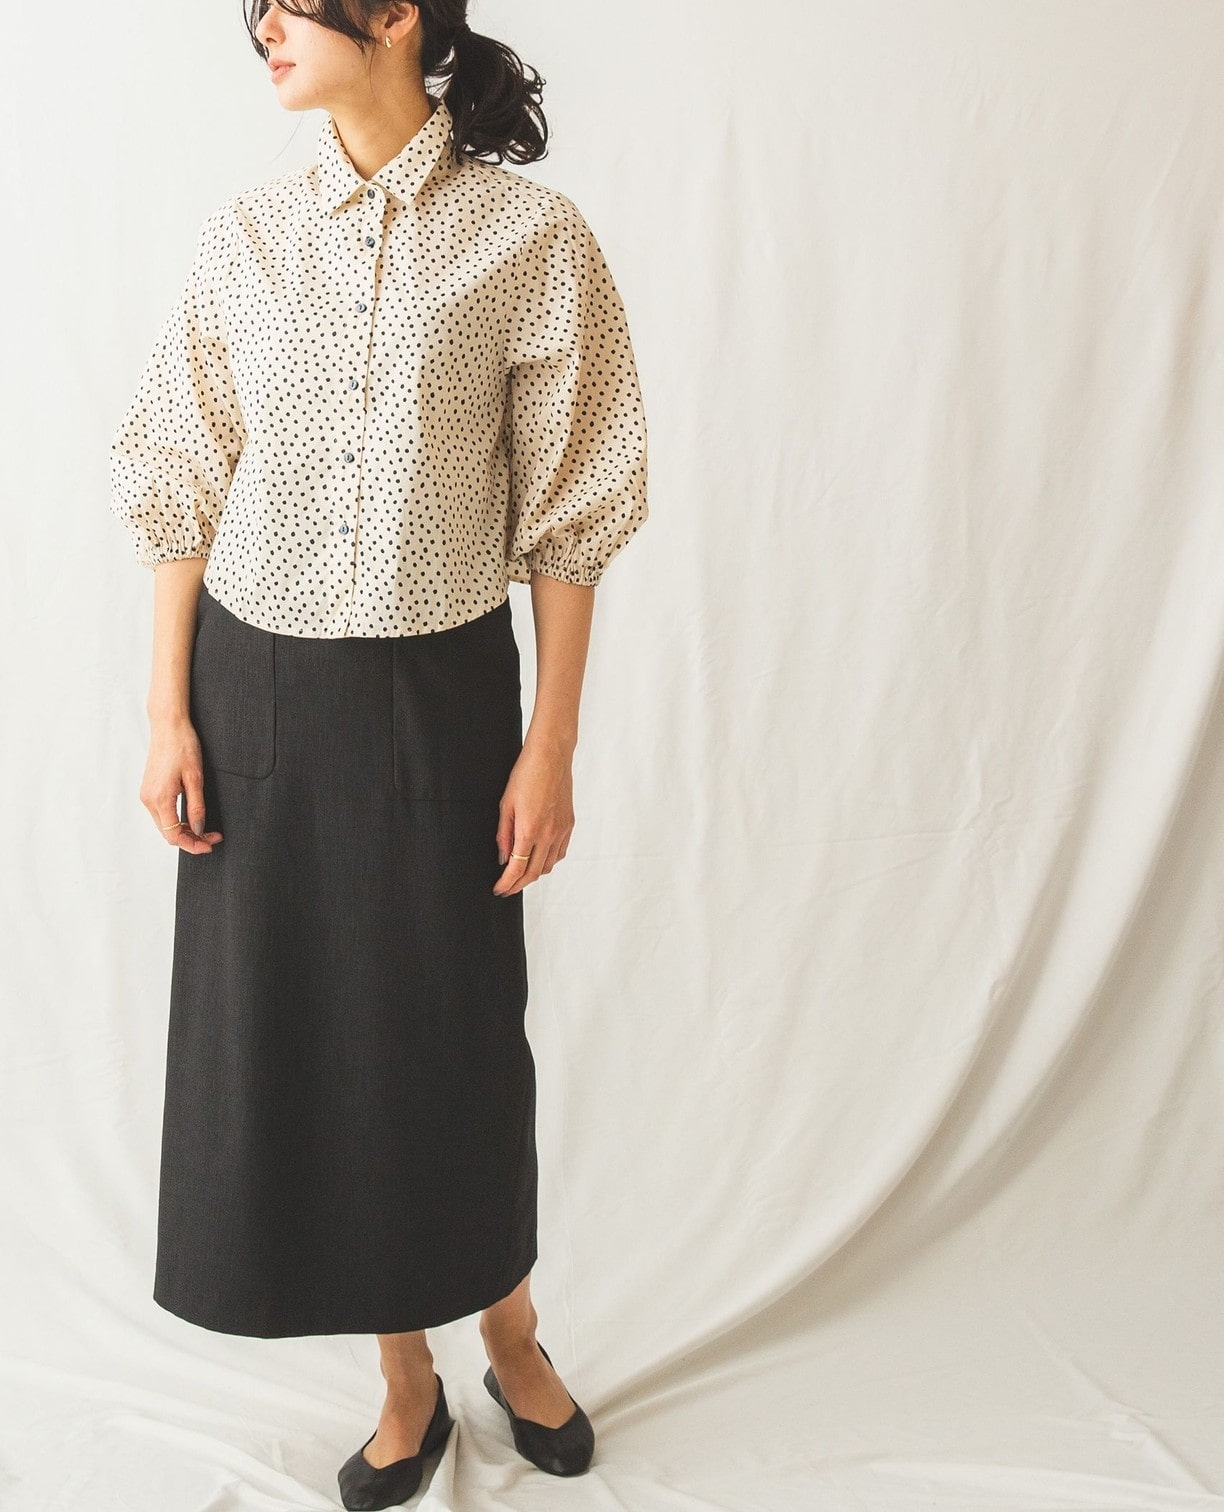 綿系ミニドットコンパクト丈シャツ